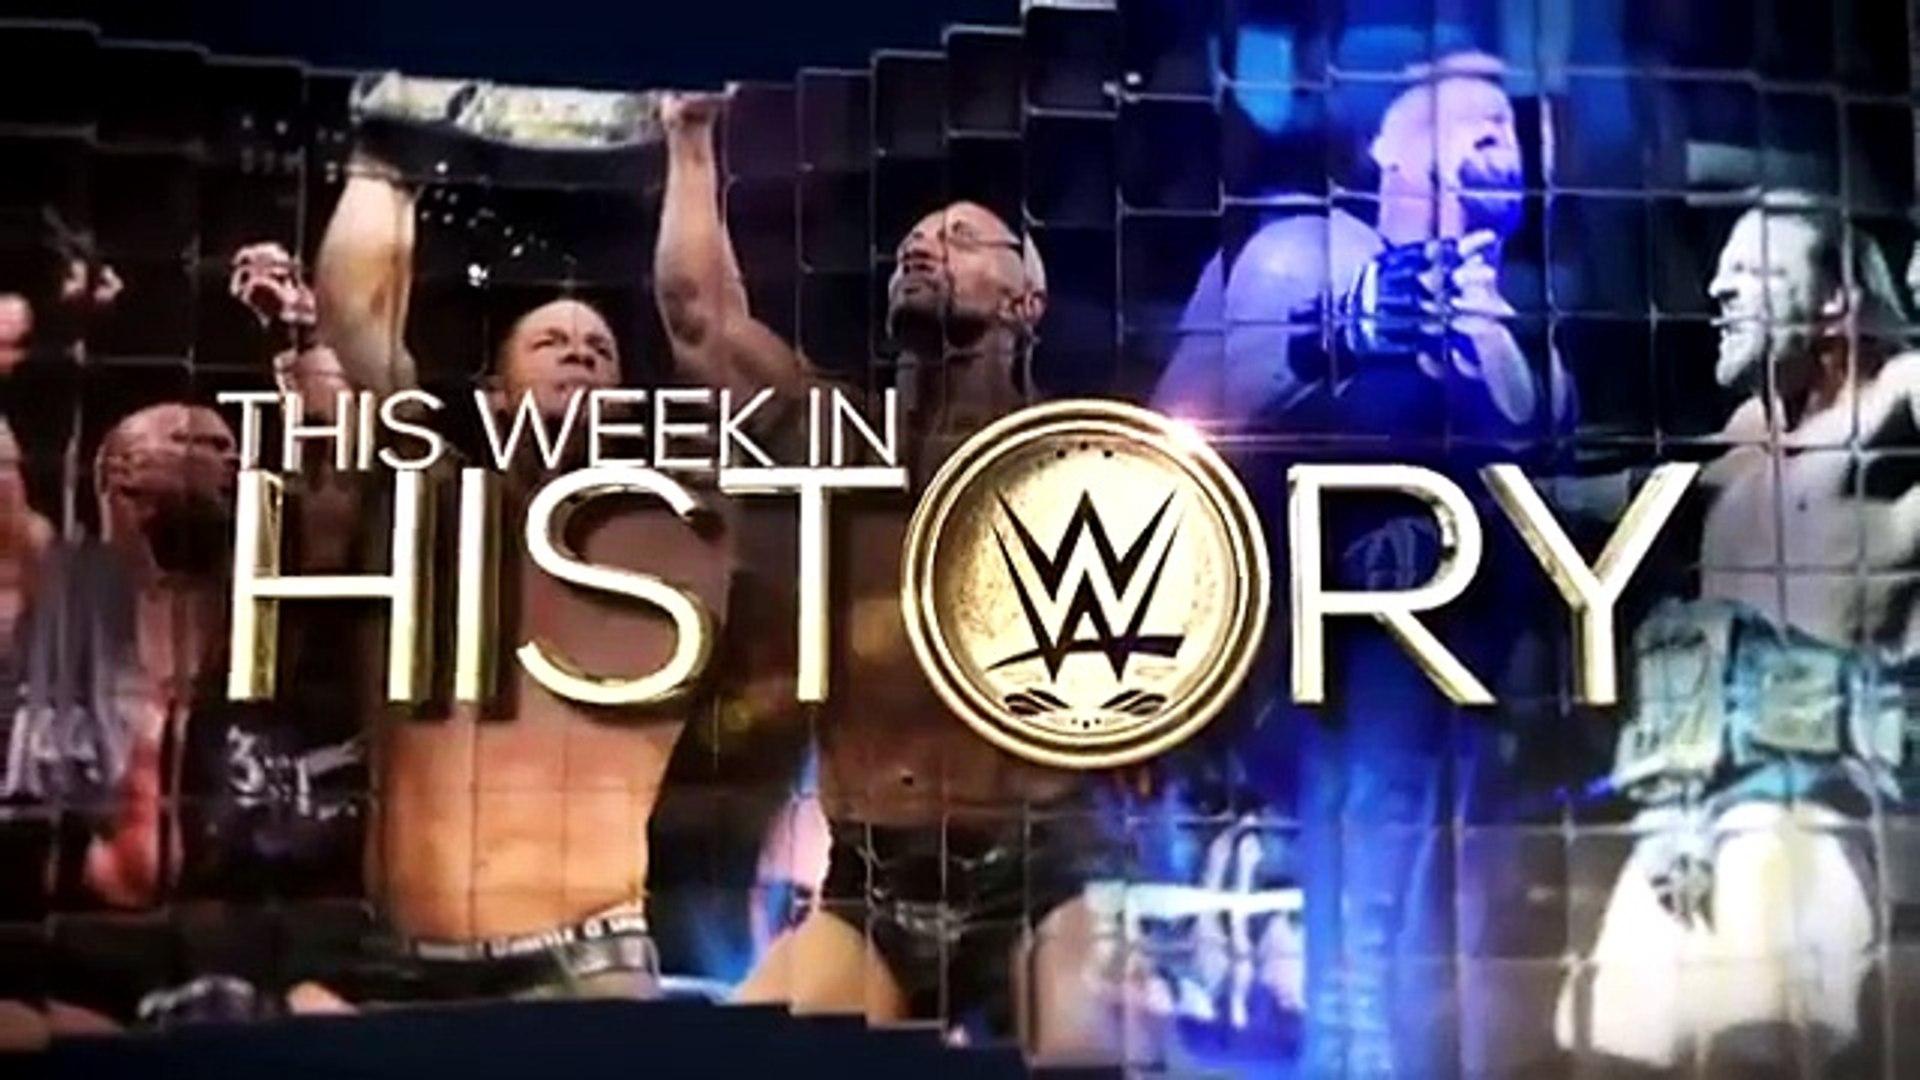 WWE Network_ This Week in WWE History_ September 17, 2015 WWE Wrestling On Fantastic Videos